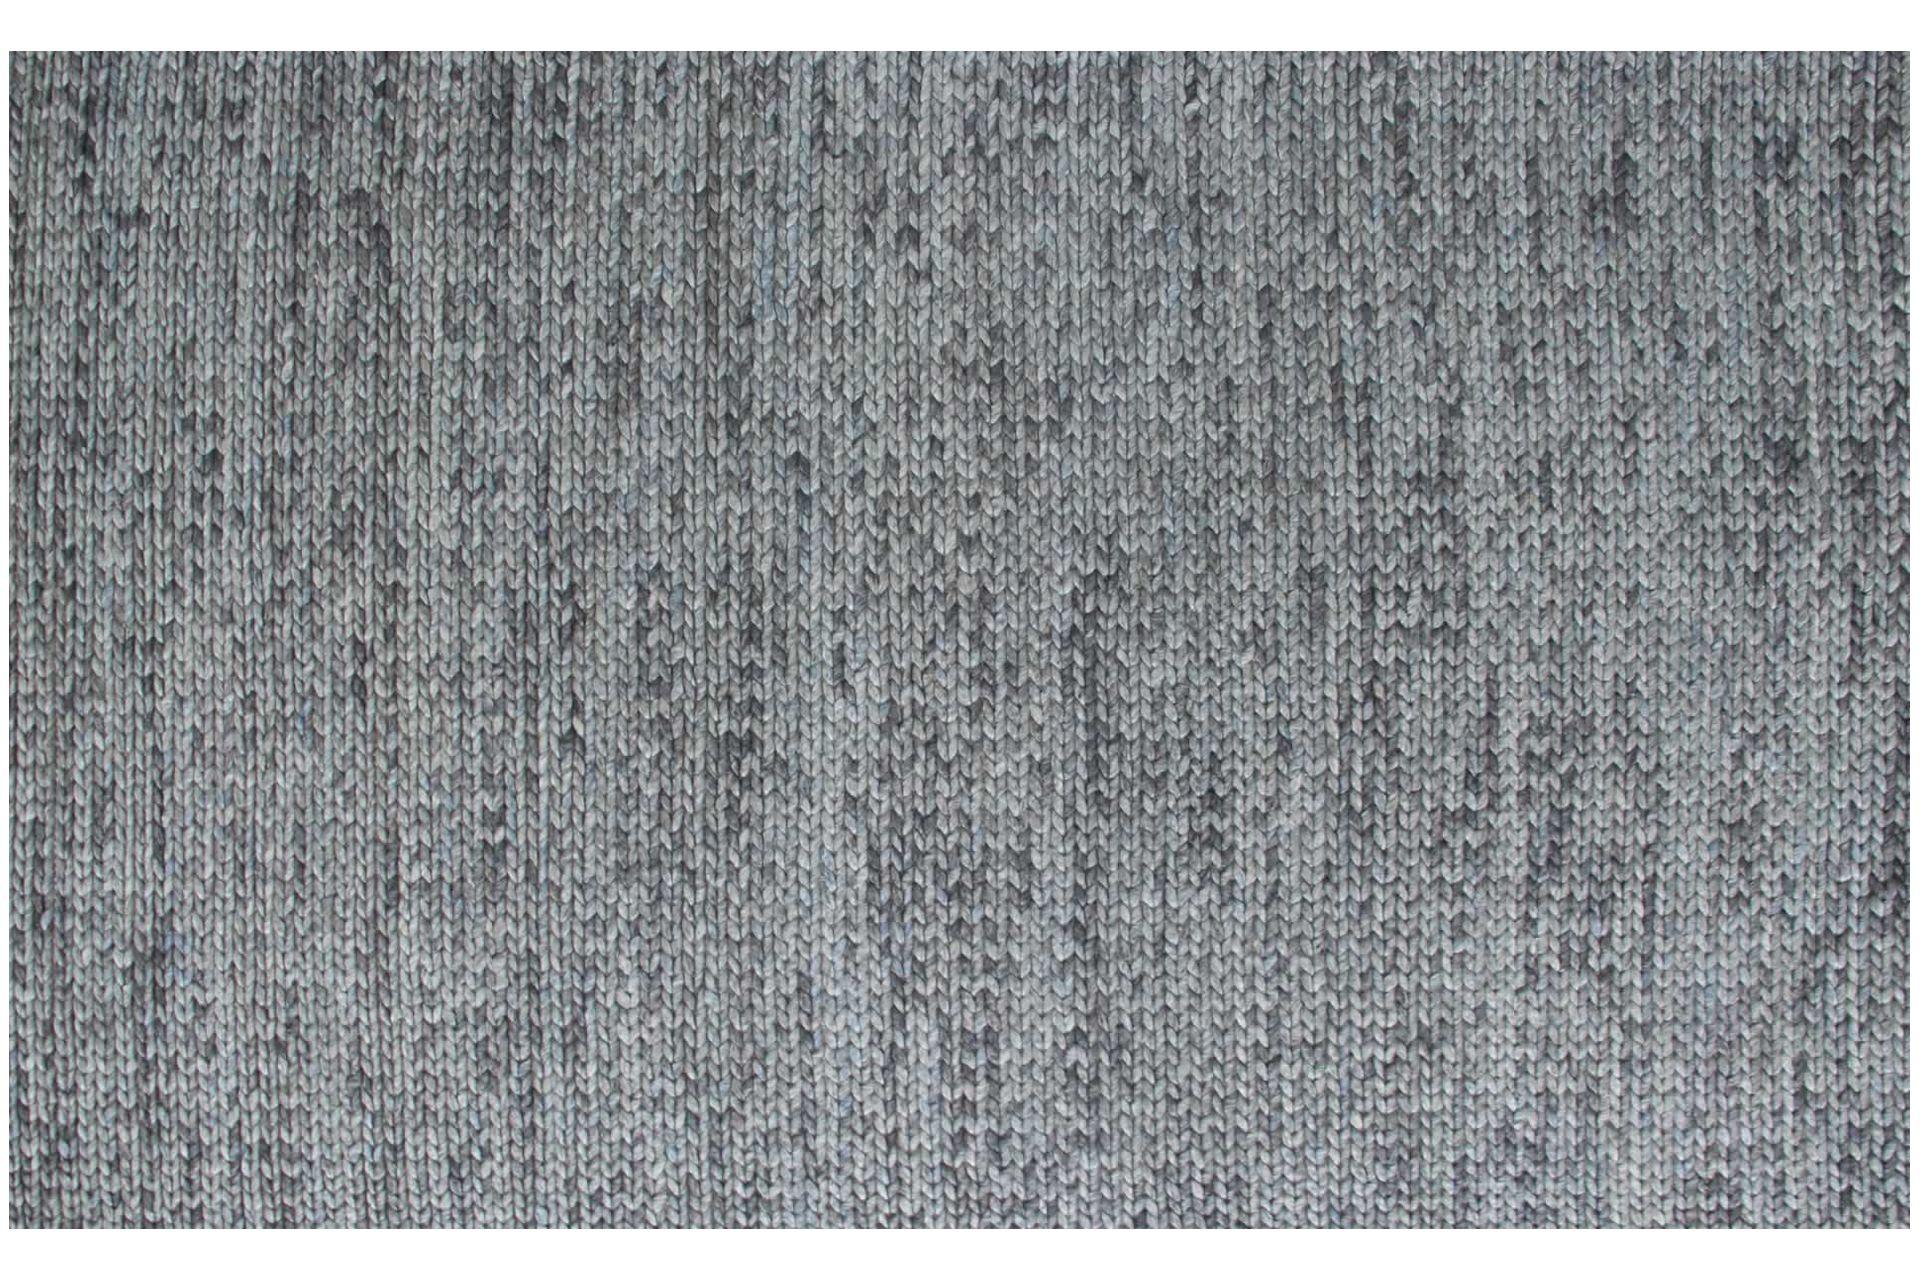 BADE GRİ SİYAH YÜN EL DOKUMA ÖRGÜ HALI 170x240